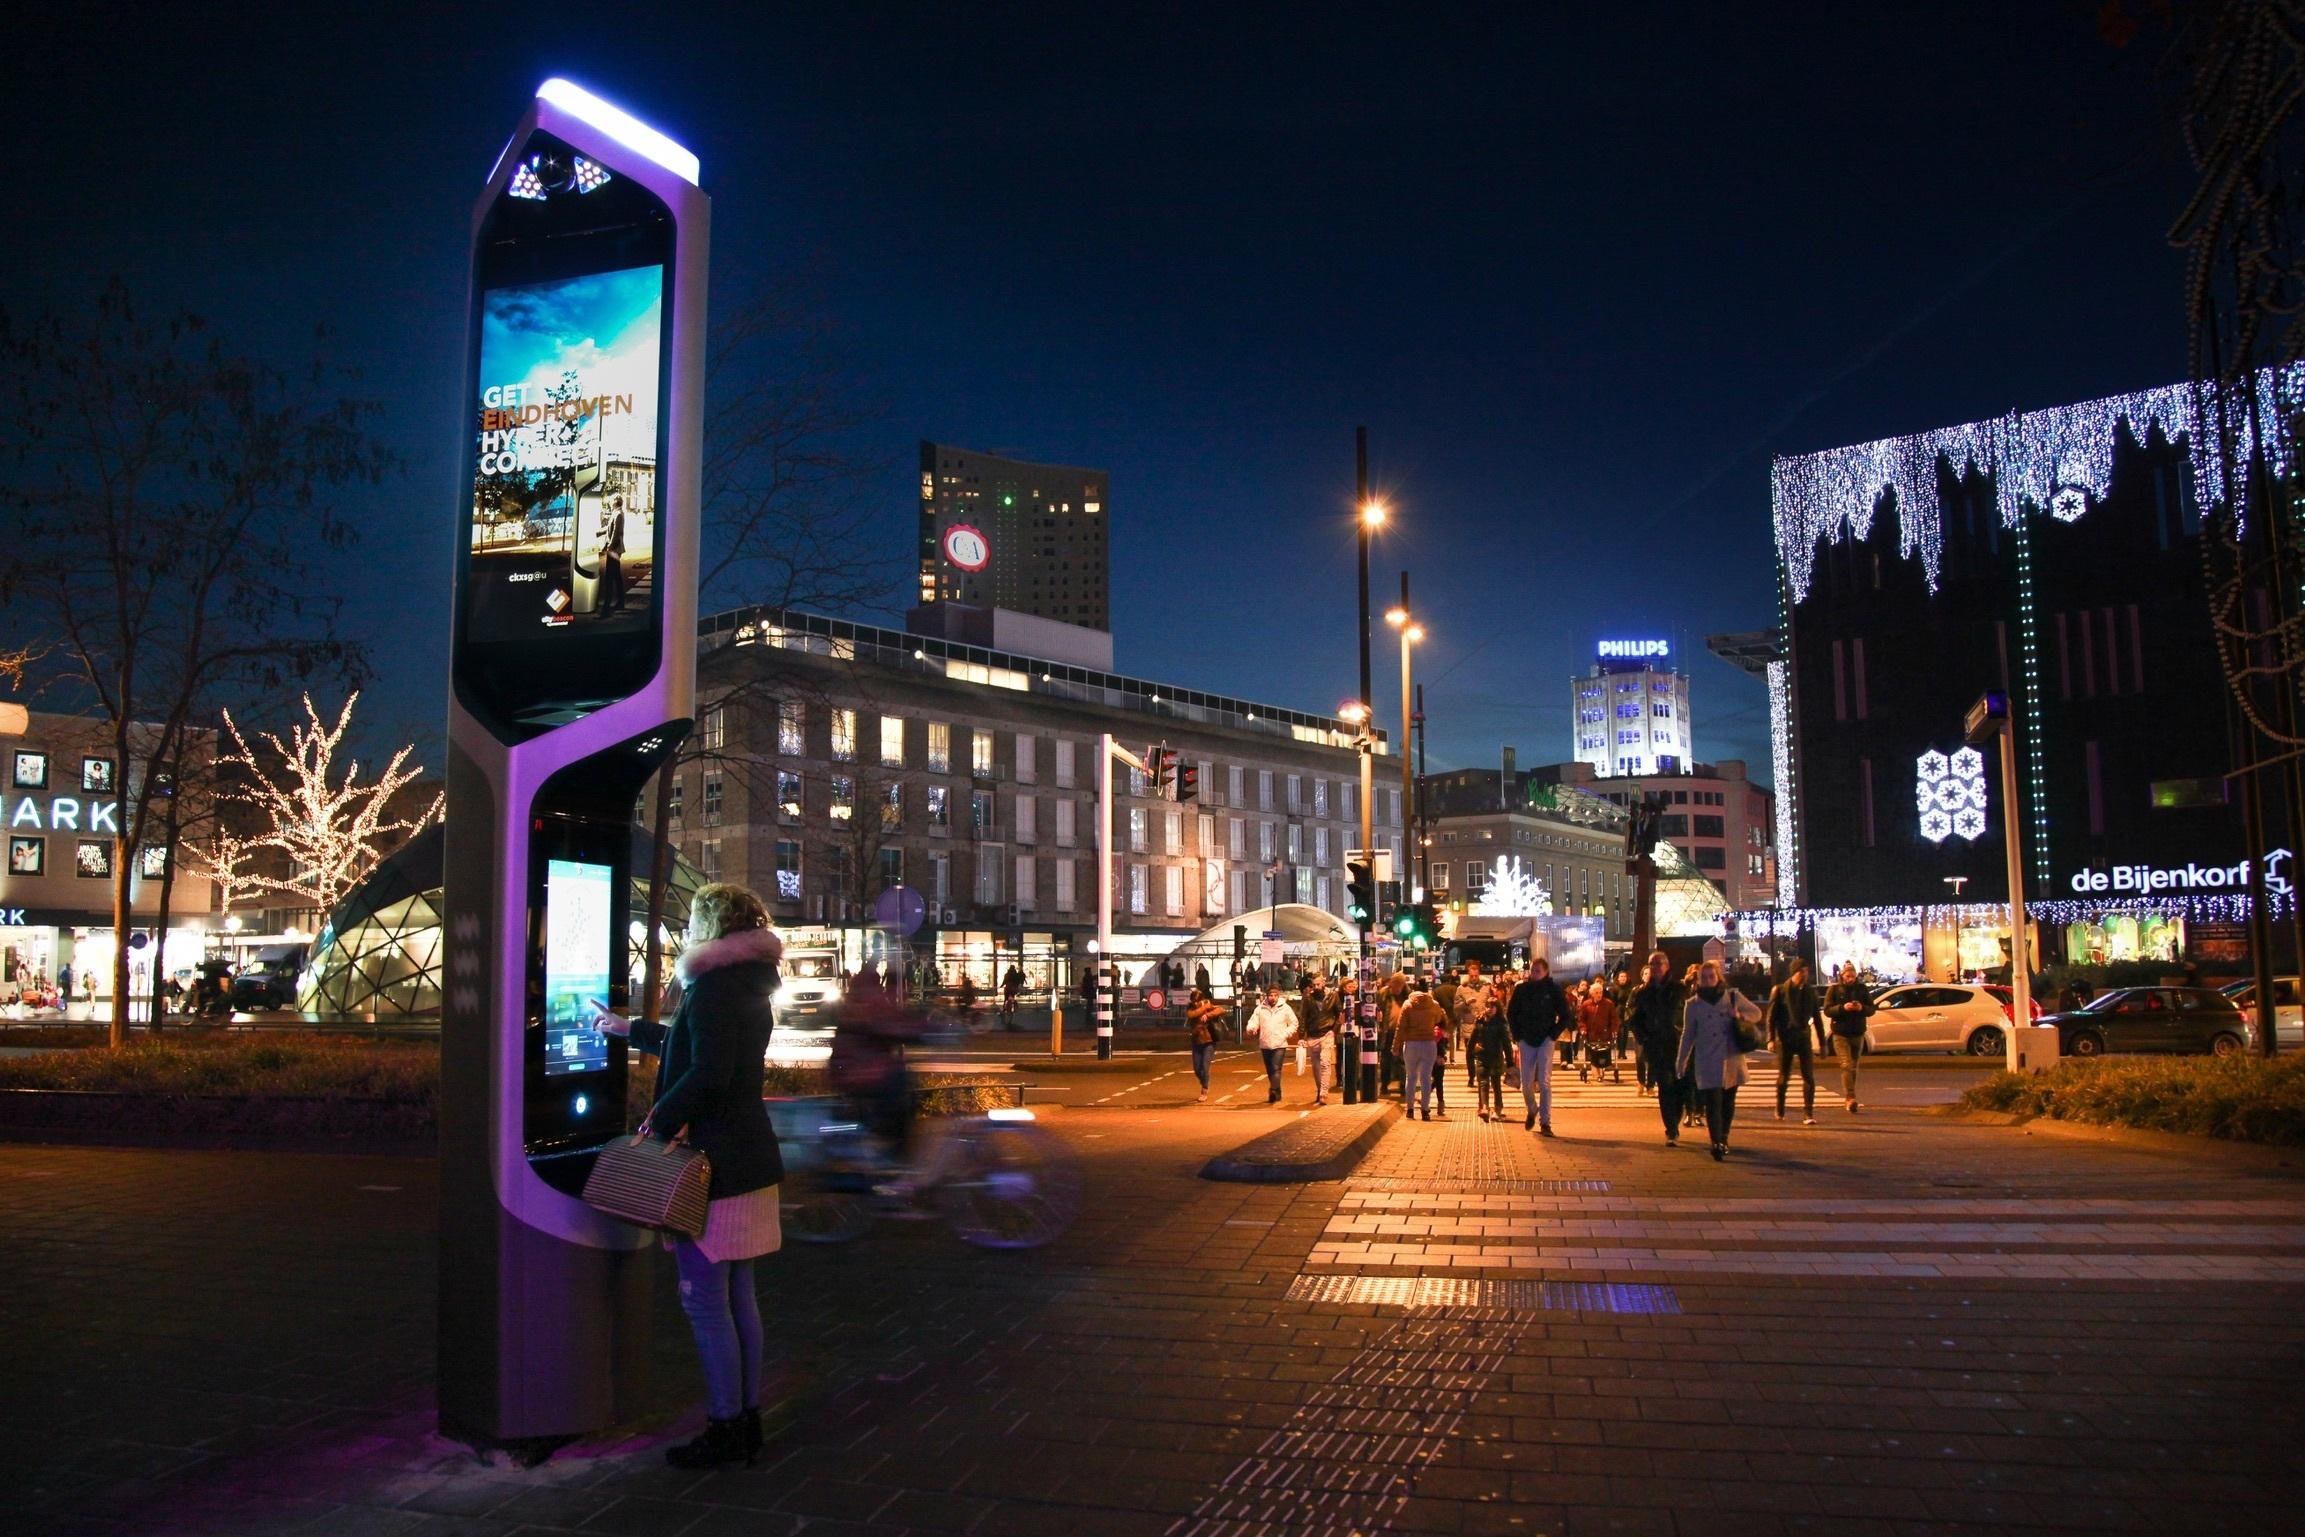 Trụ tương tác thông minh hướng tới xây dựng mô hình đô thị tương tác thông minh tại TP Eindhoven (Hà Lan)